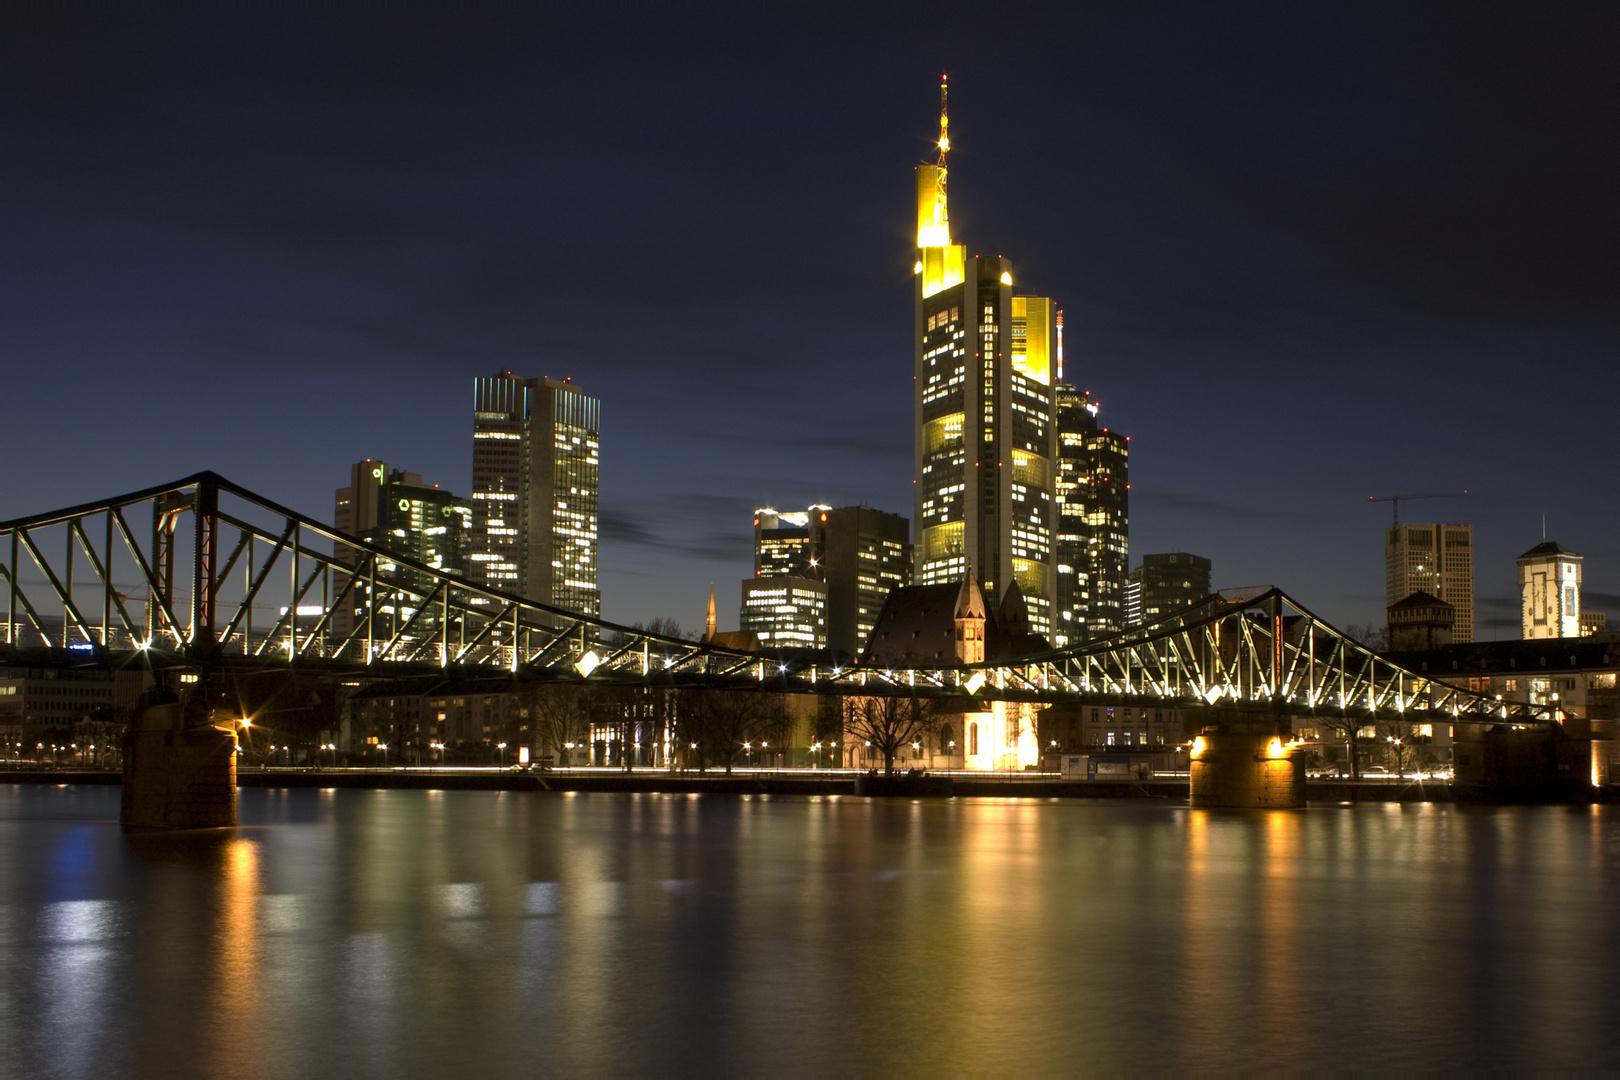 frankfurt skyline foto bild architektur architektur bei nacht motive bilder auf fotocommunity. Black Bedroom Furniture Sets. Home Design Ideas